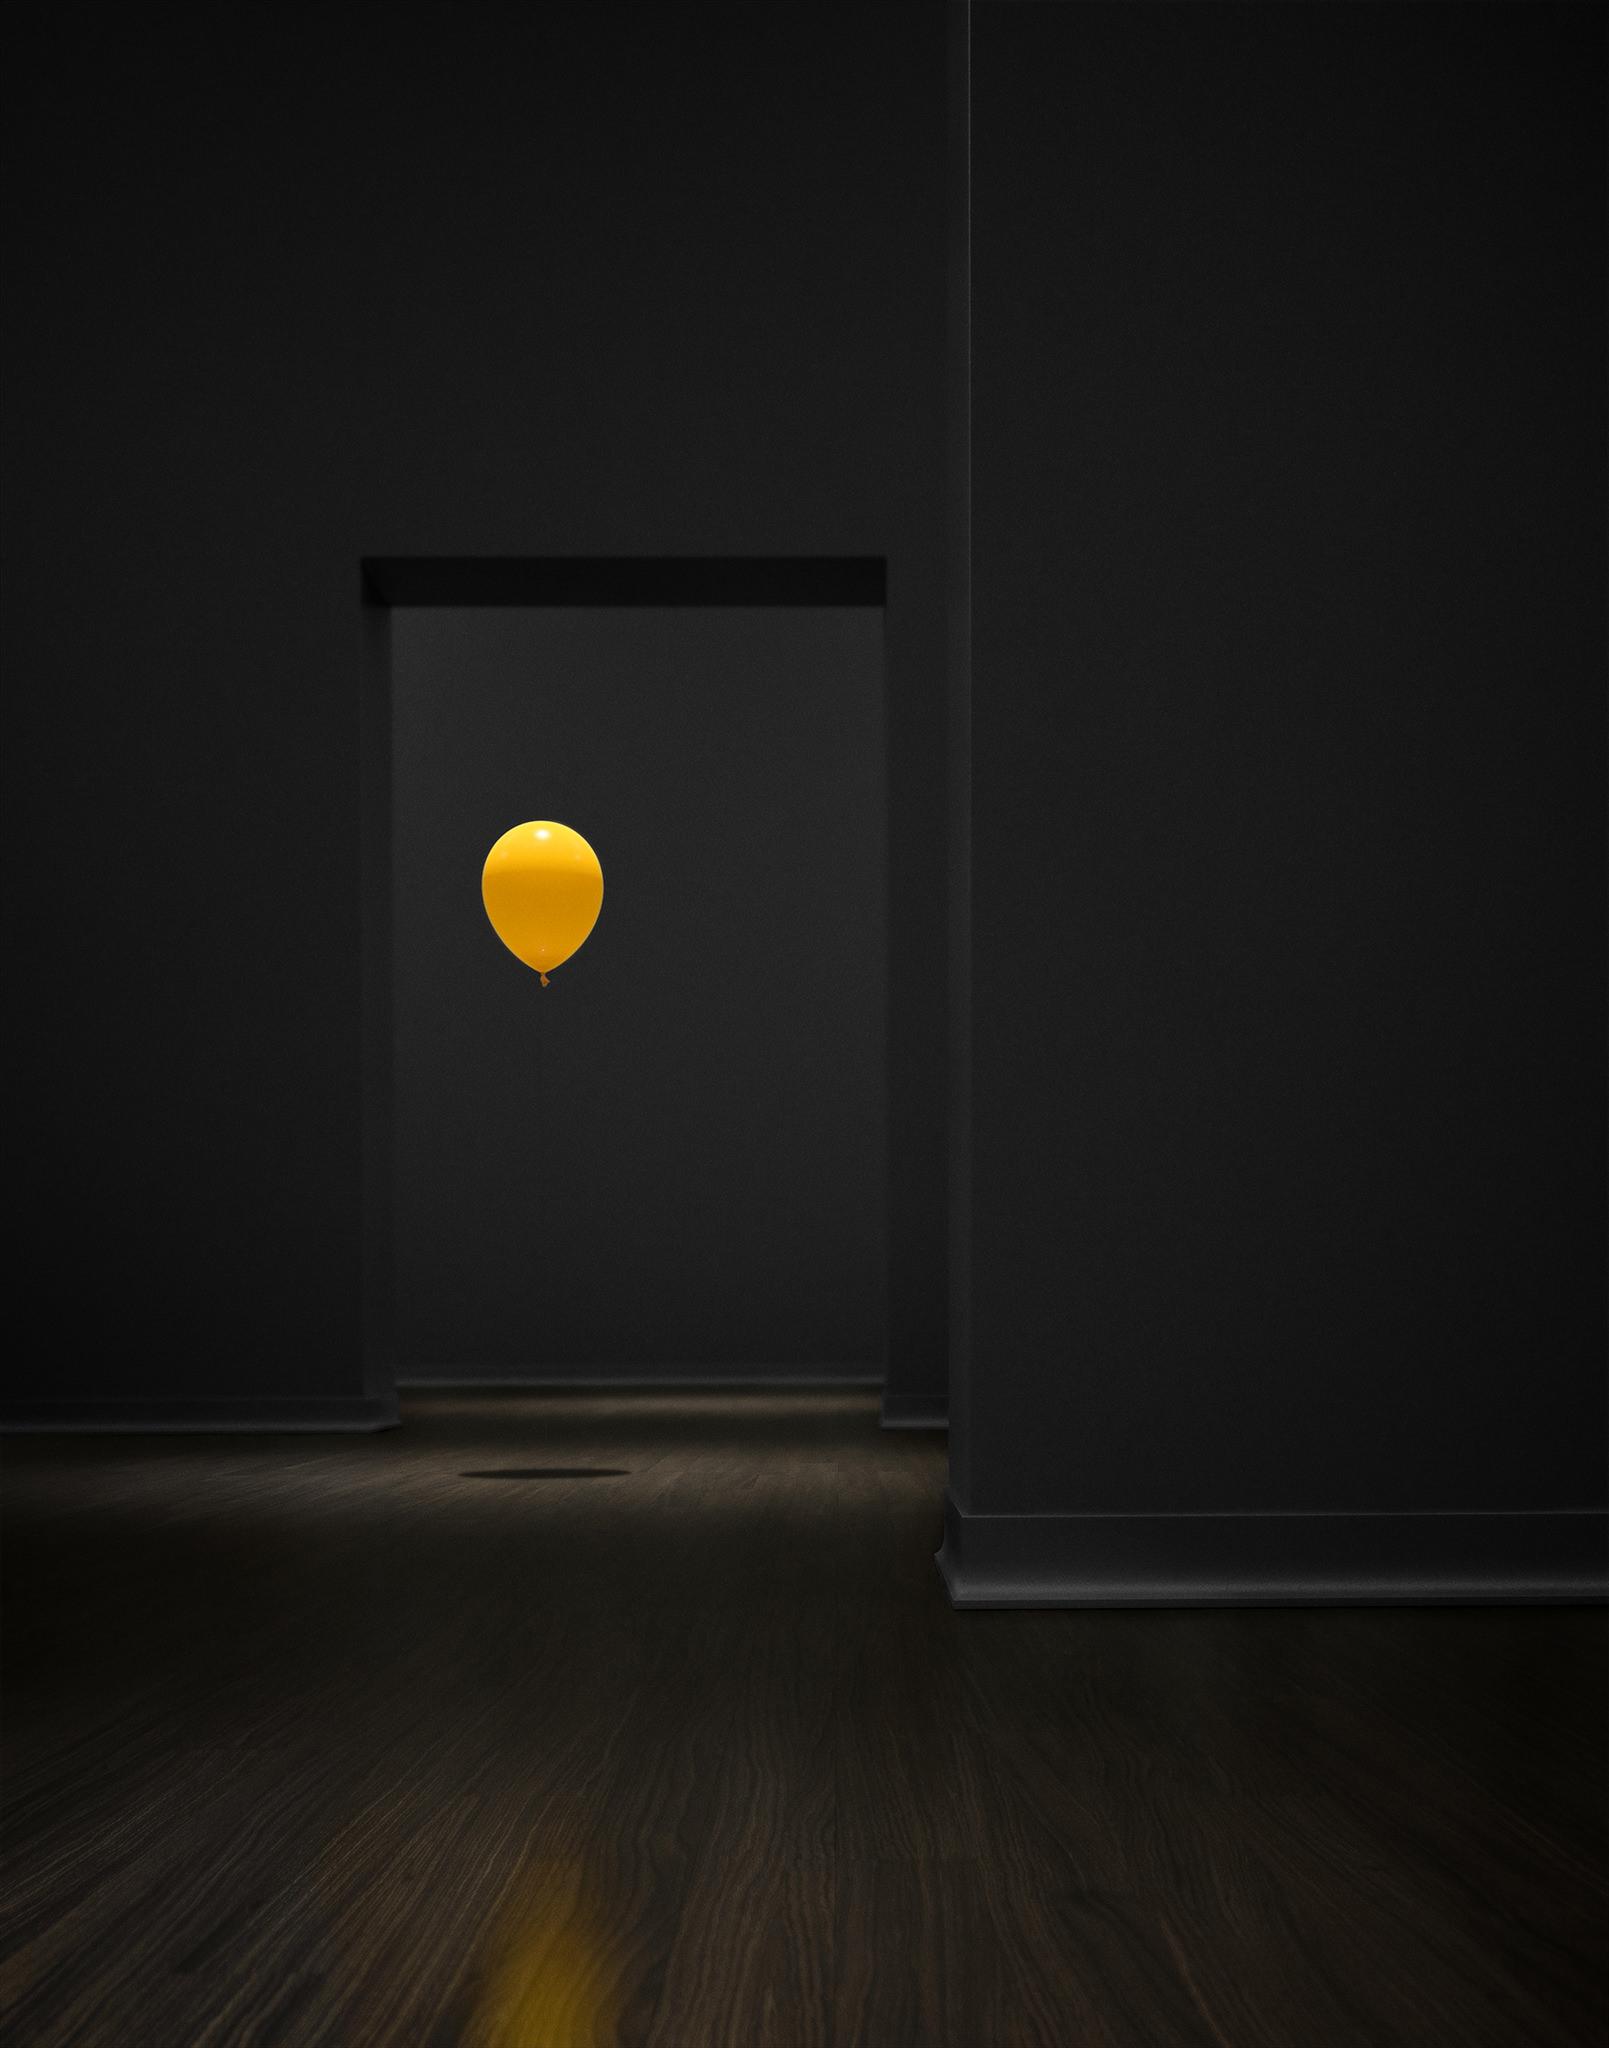 041Art_Gallery_Balloon.jpg